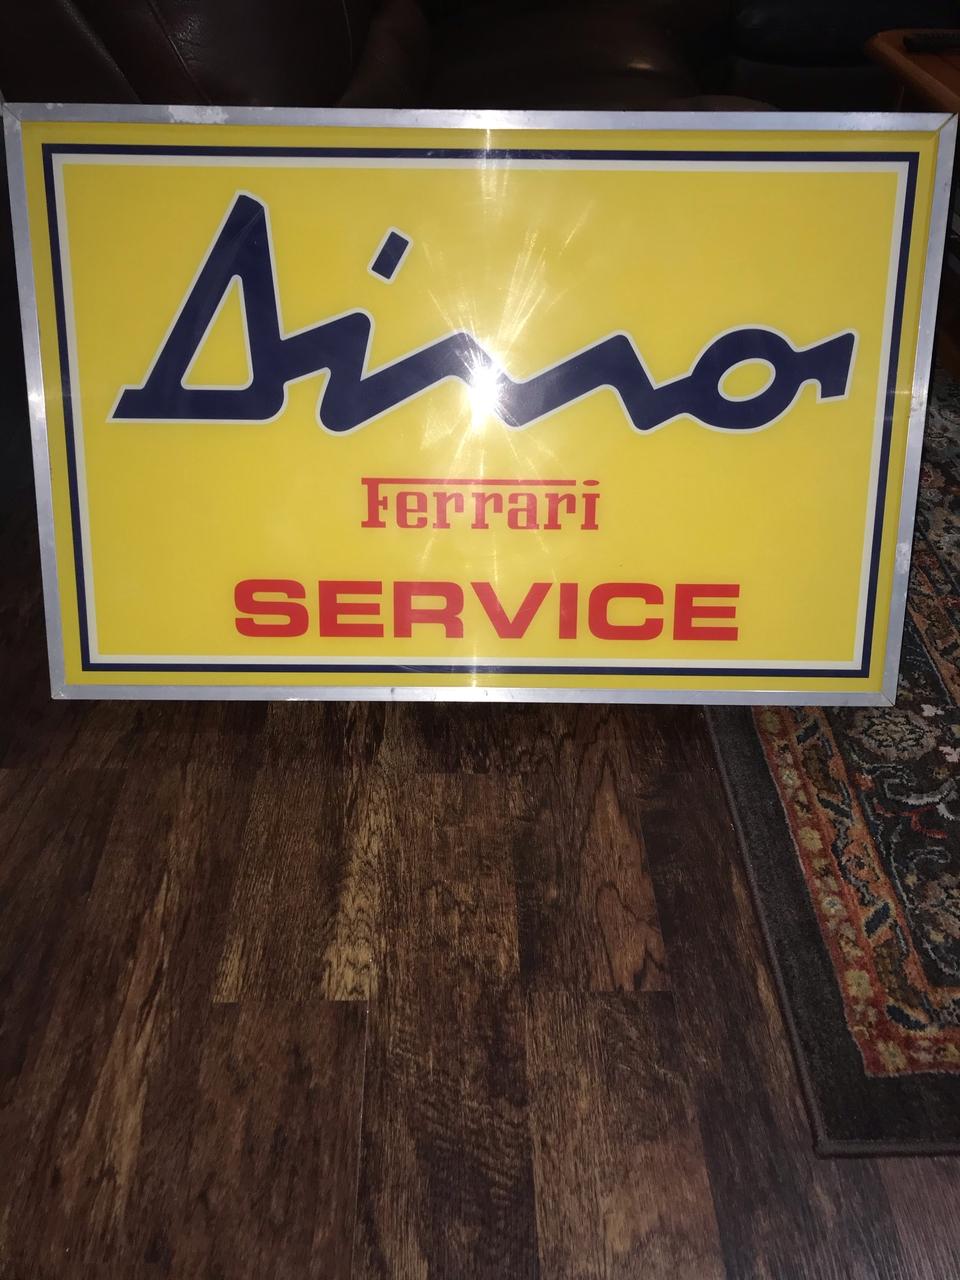 Authentic 1970s Illuminated Dino Ferrari Sign